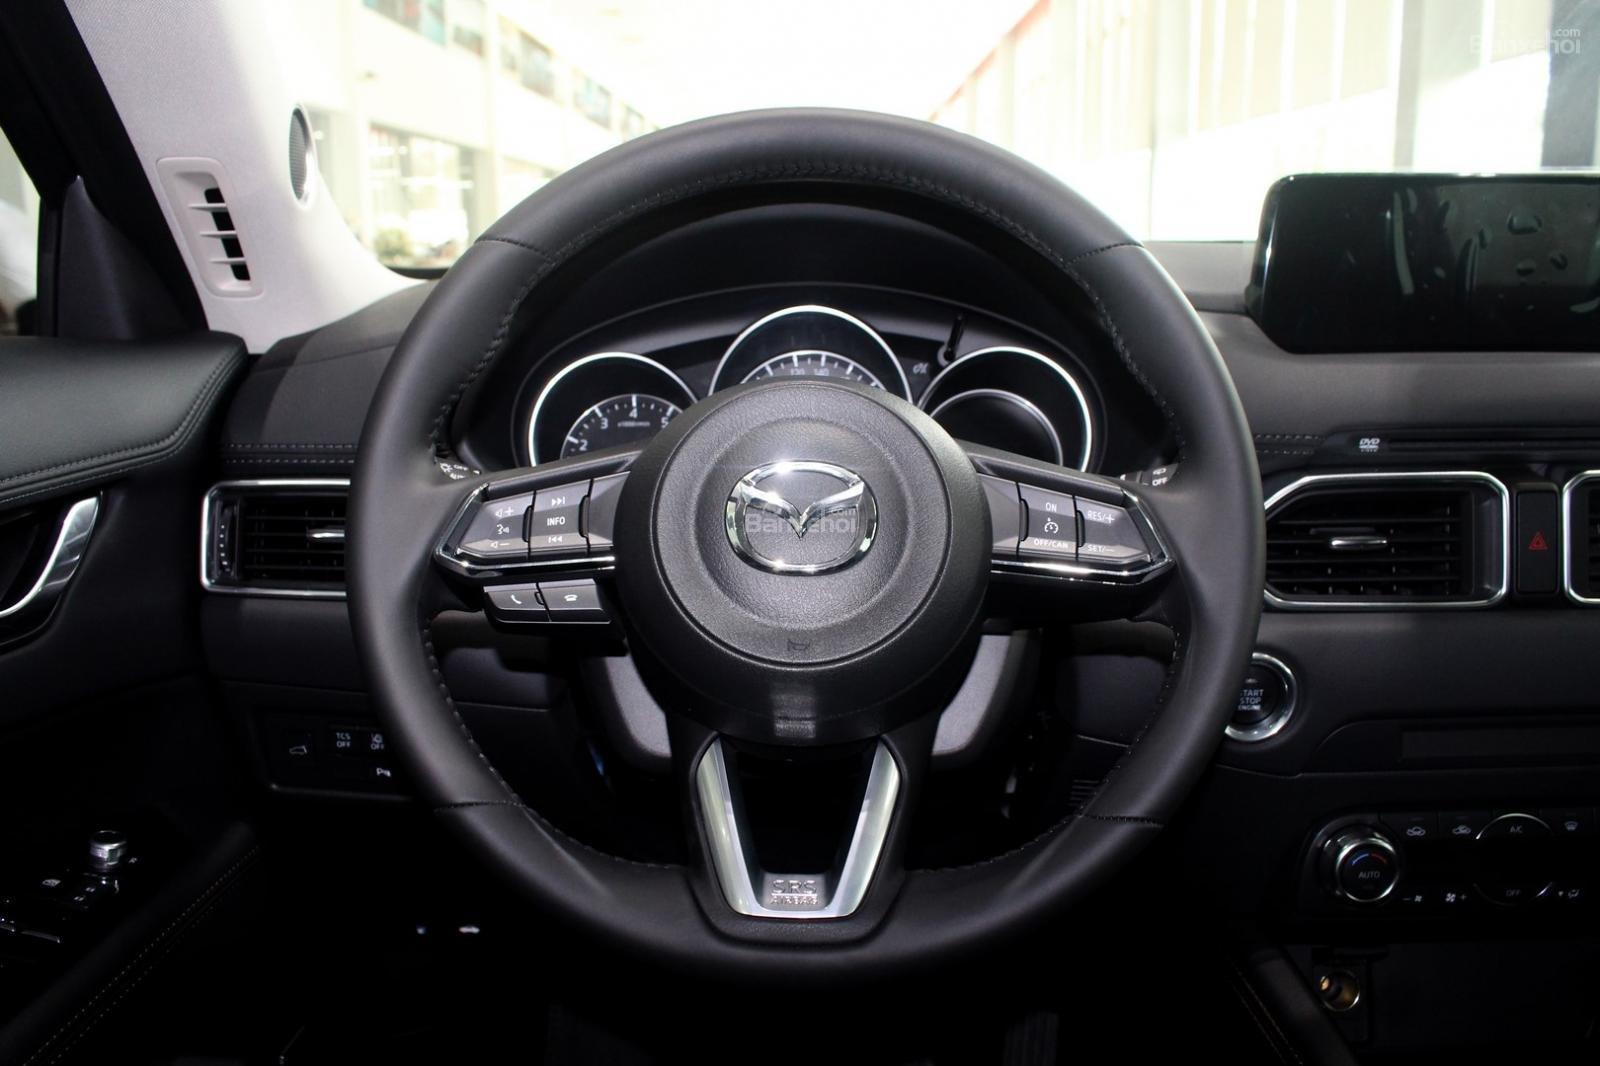 Mazda CX-5 2.5 giá tốt nhất, xe đủ màu, giao ngay. LH 0941322979-4